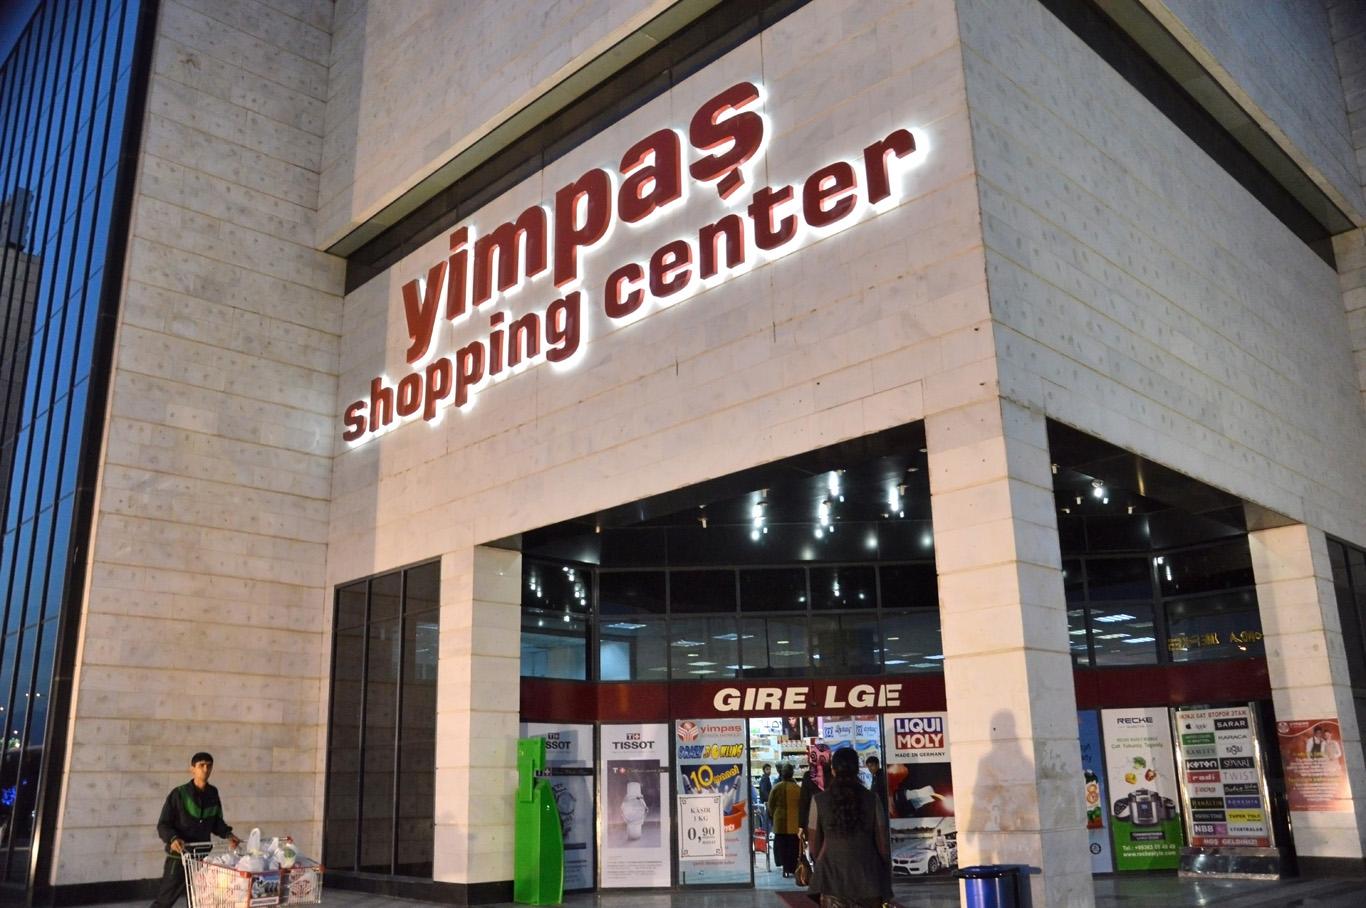 Yimpas shopping center